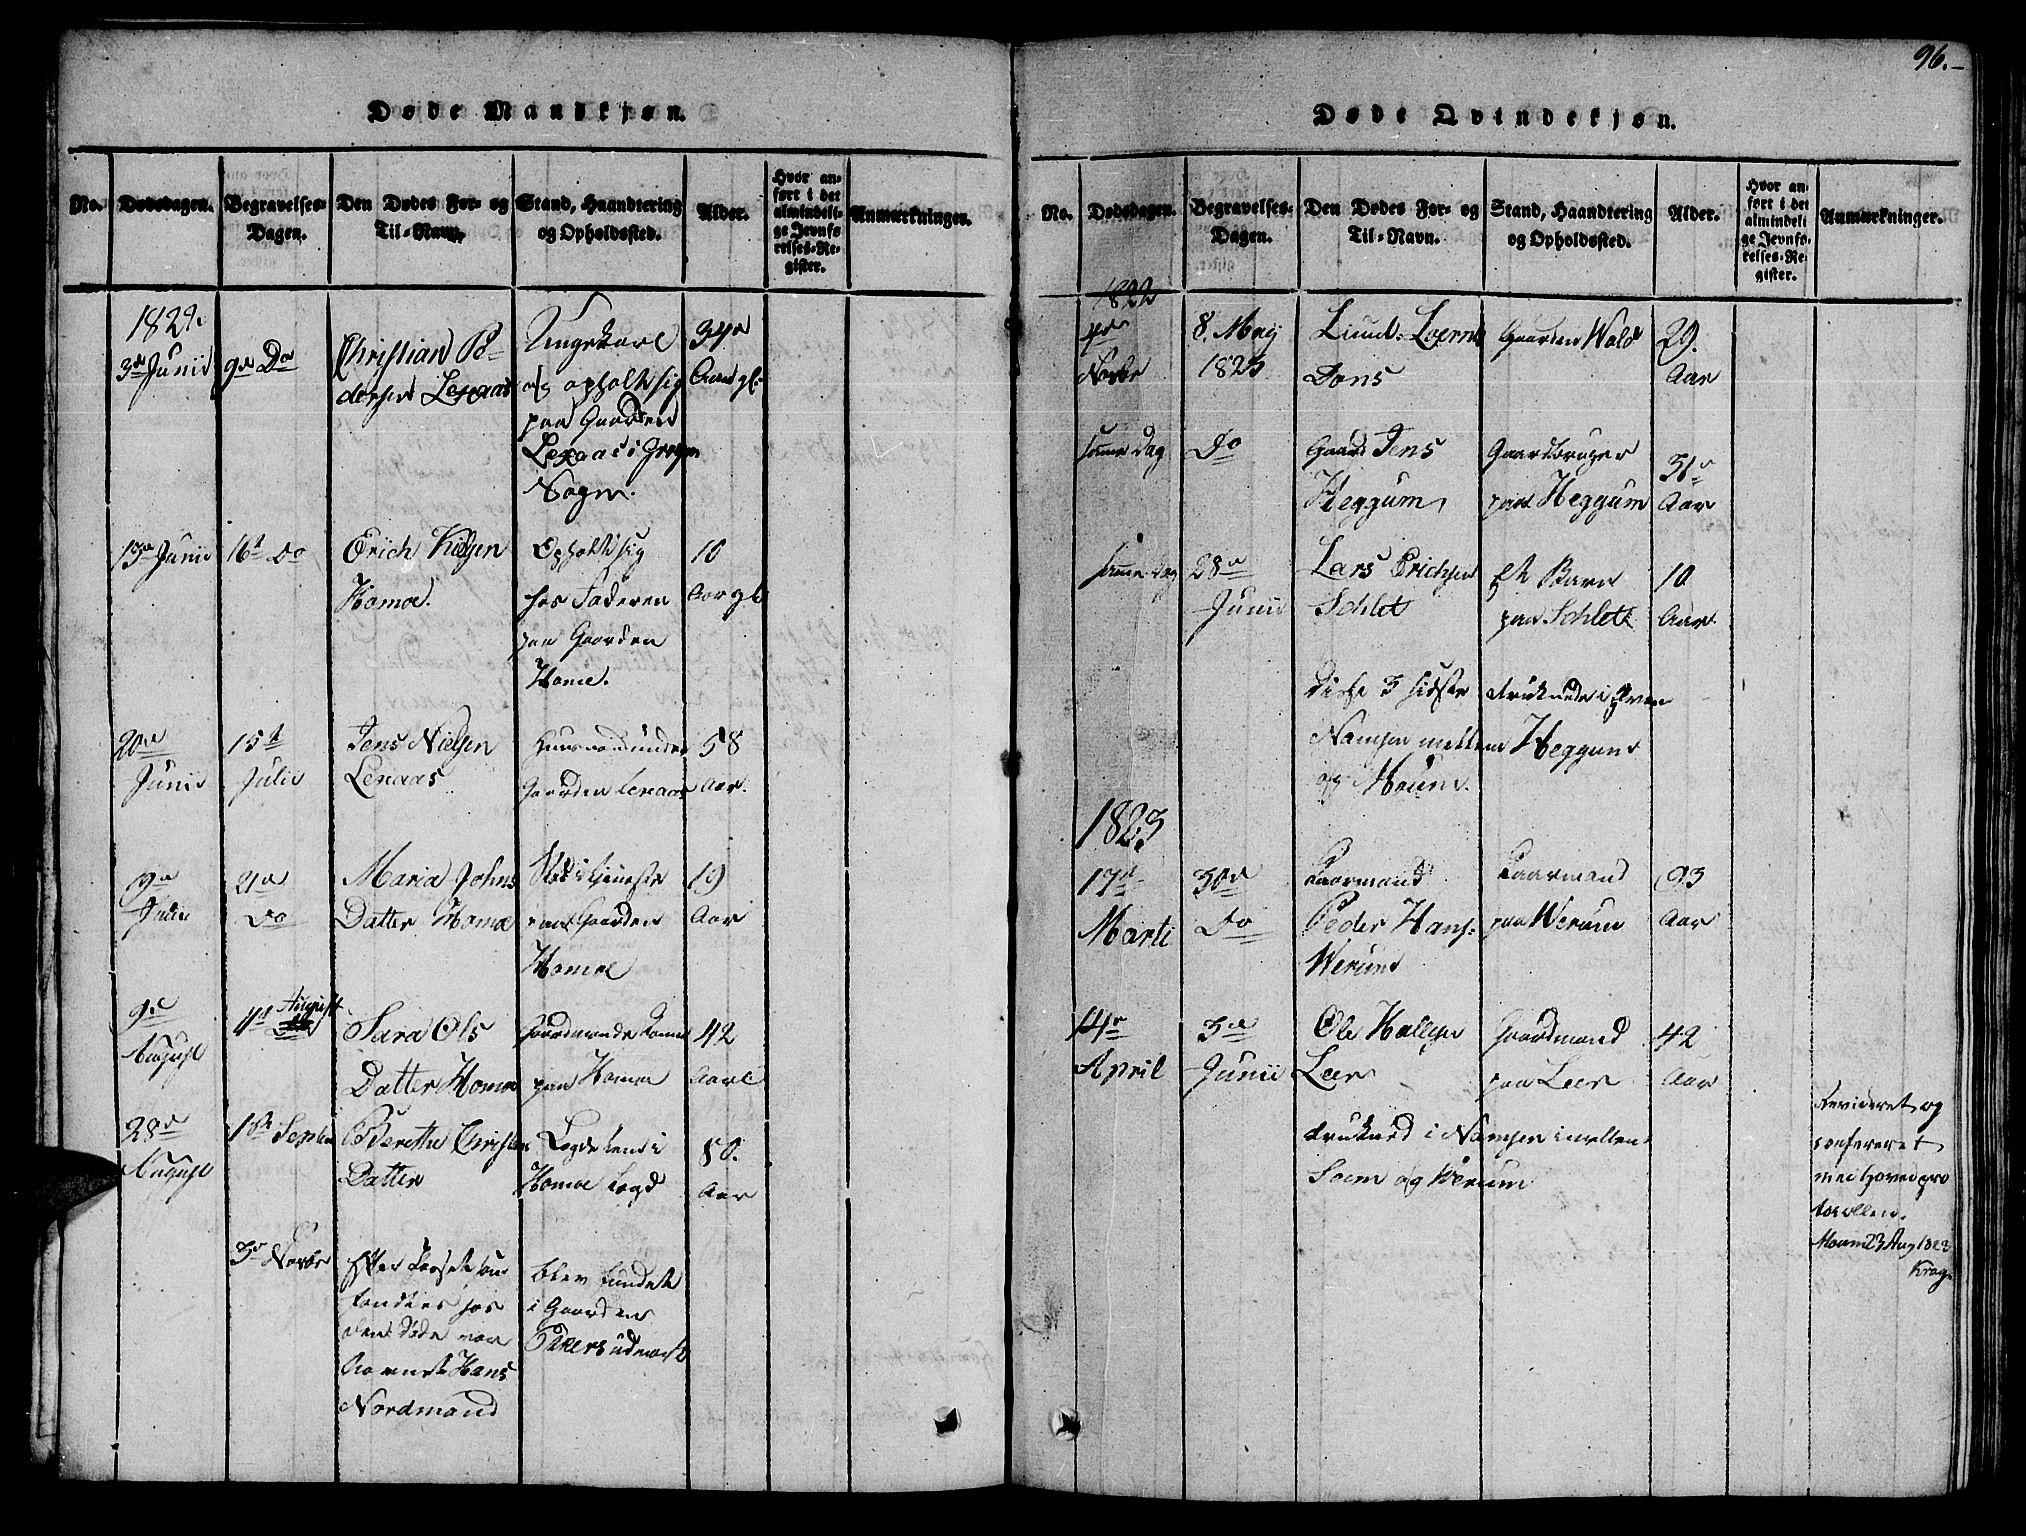 SAT, Ministerialprotokoller, klokkerbøker og fødselsregistre - Nord-Trøndelag, 758/L0521: Klokkerbok nr. 758C01, 1816-1825, s. 96